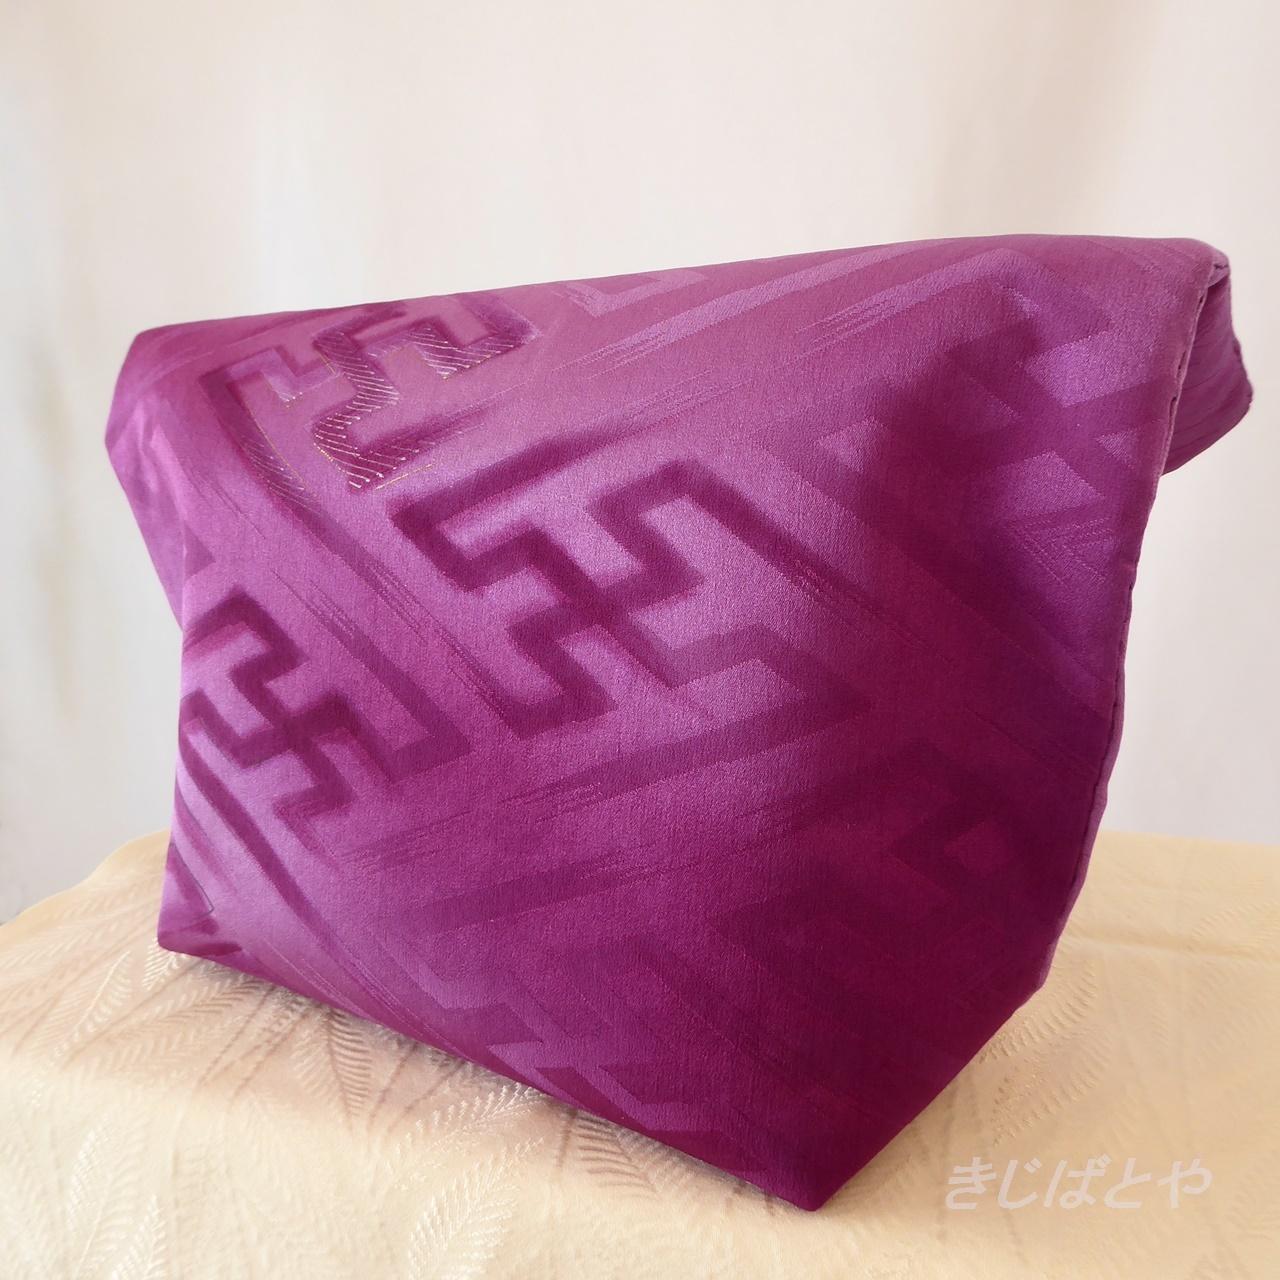 和裁士さんが考えたバッグインバッグ 菖蒲色に紗綾型